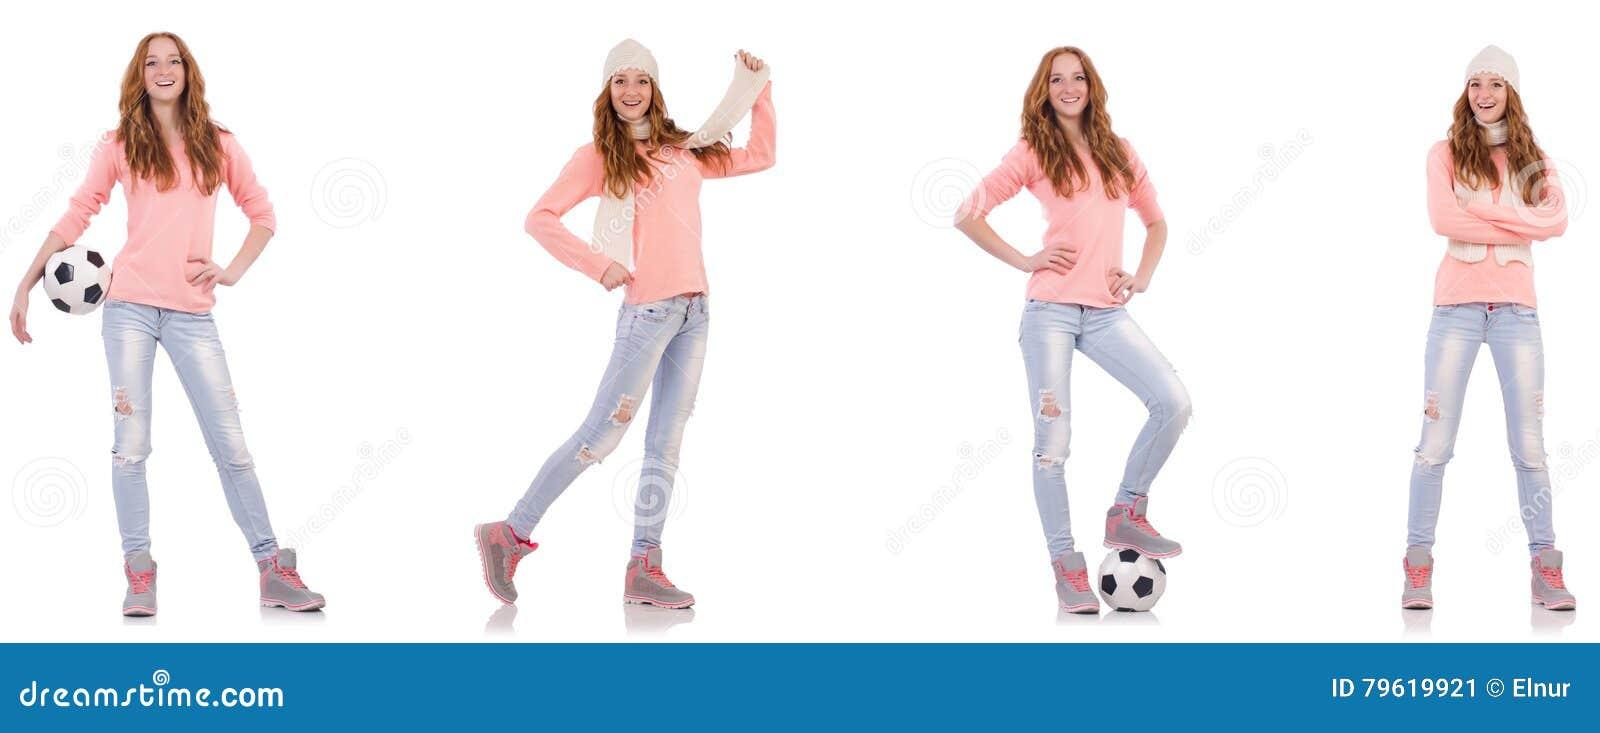 A jovem mulher com futebol isolada no branco